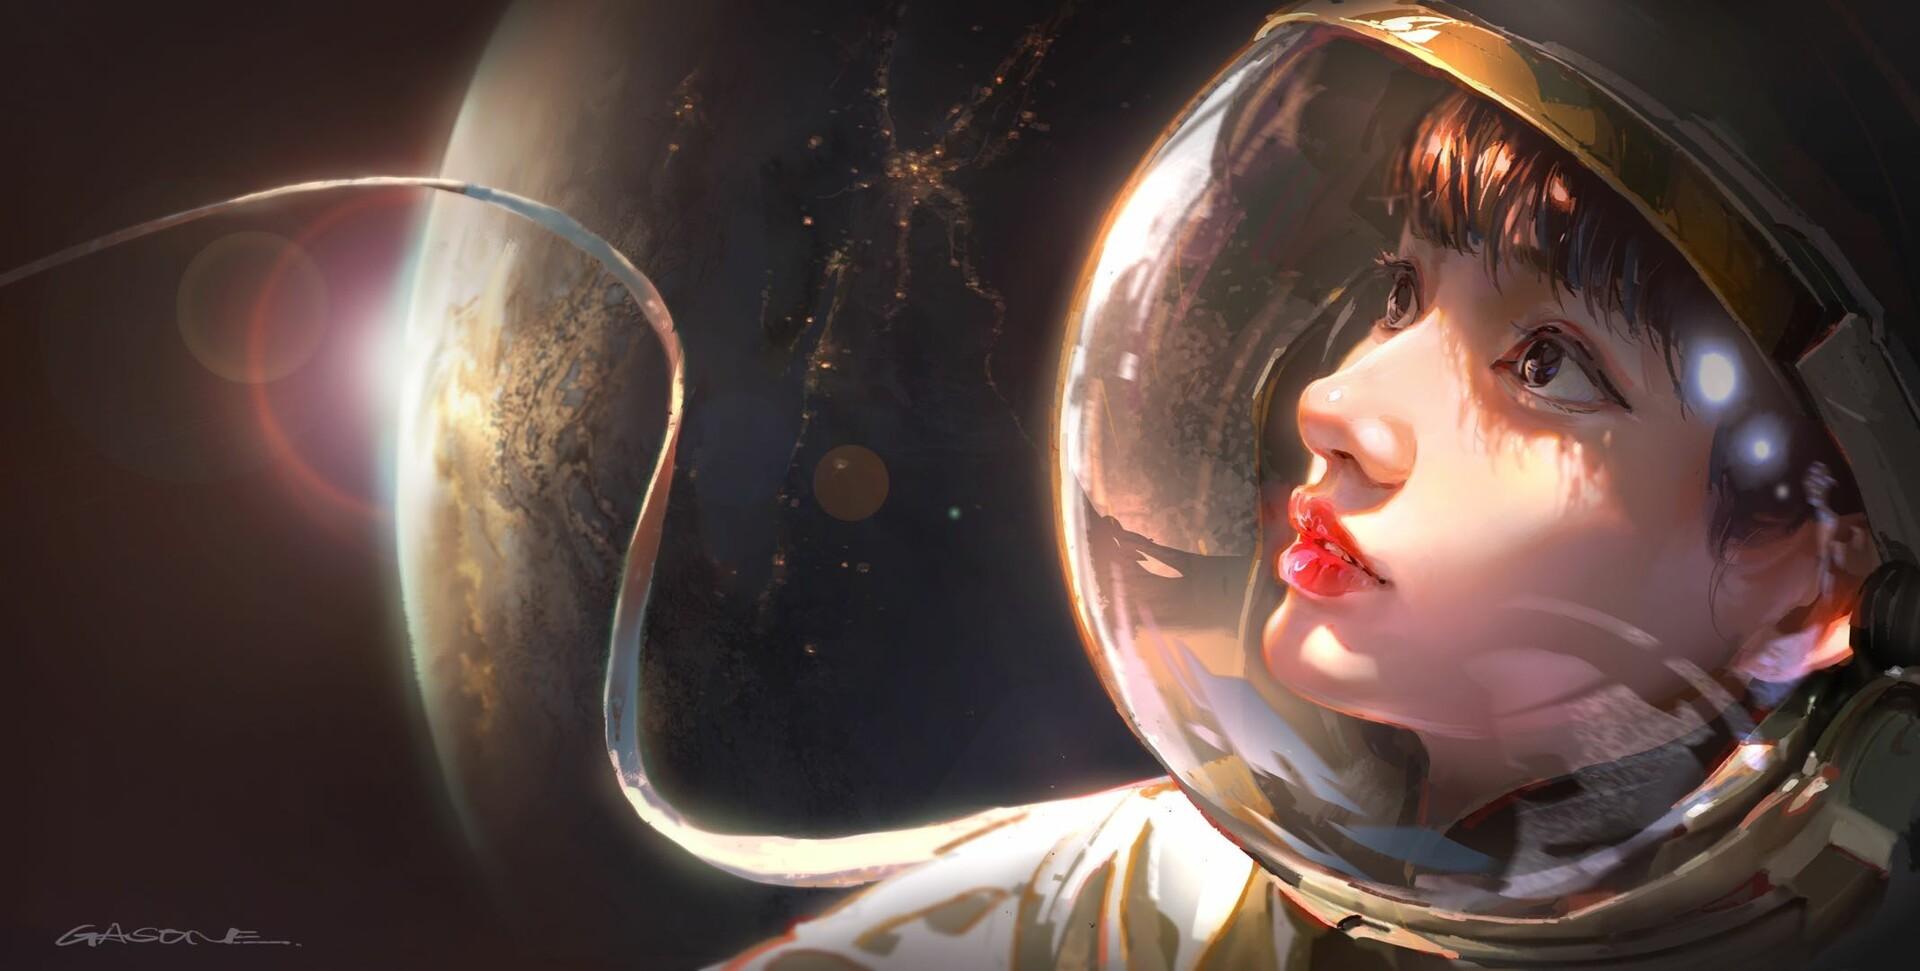 Звёздное небо и космос в картинках - Страница 11 1582696180199263609